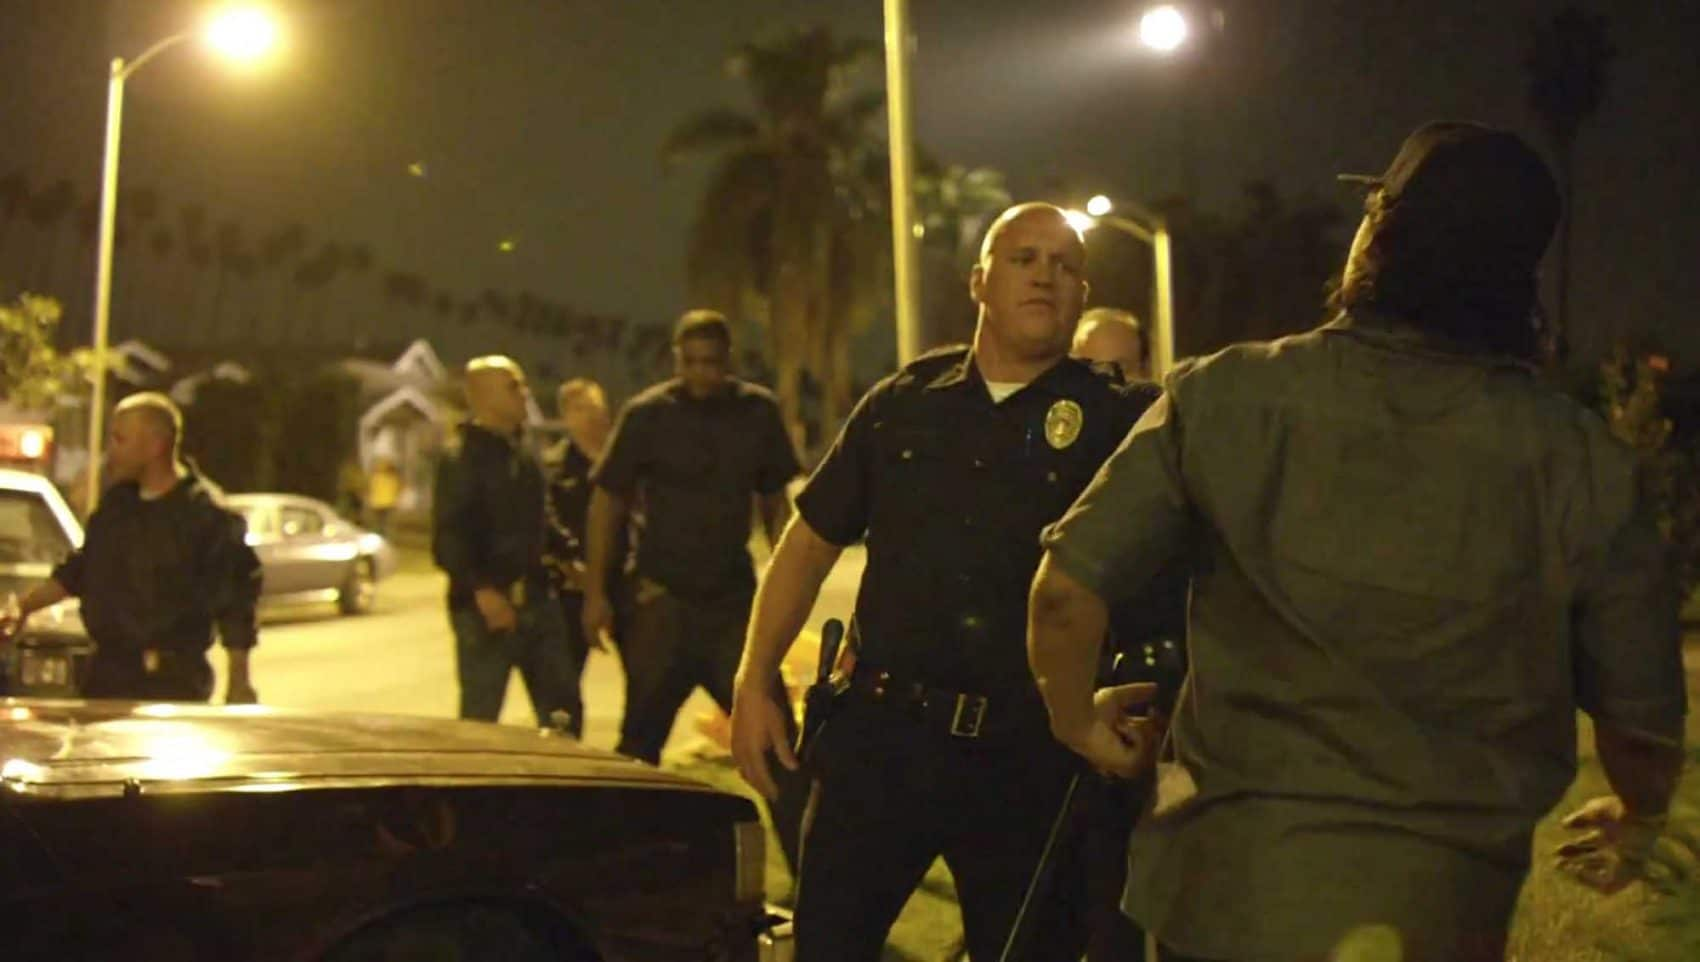 NWA : Straight Outta Compton – Critique du film